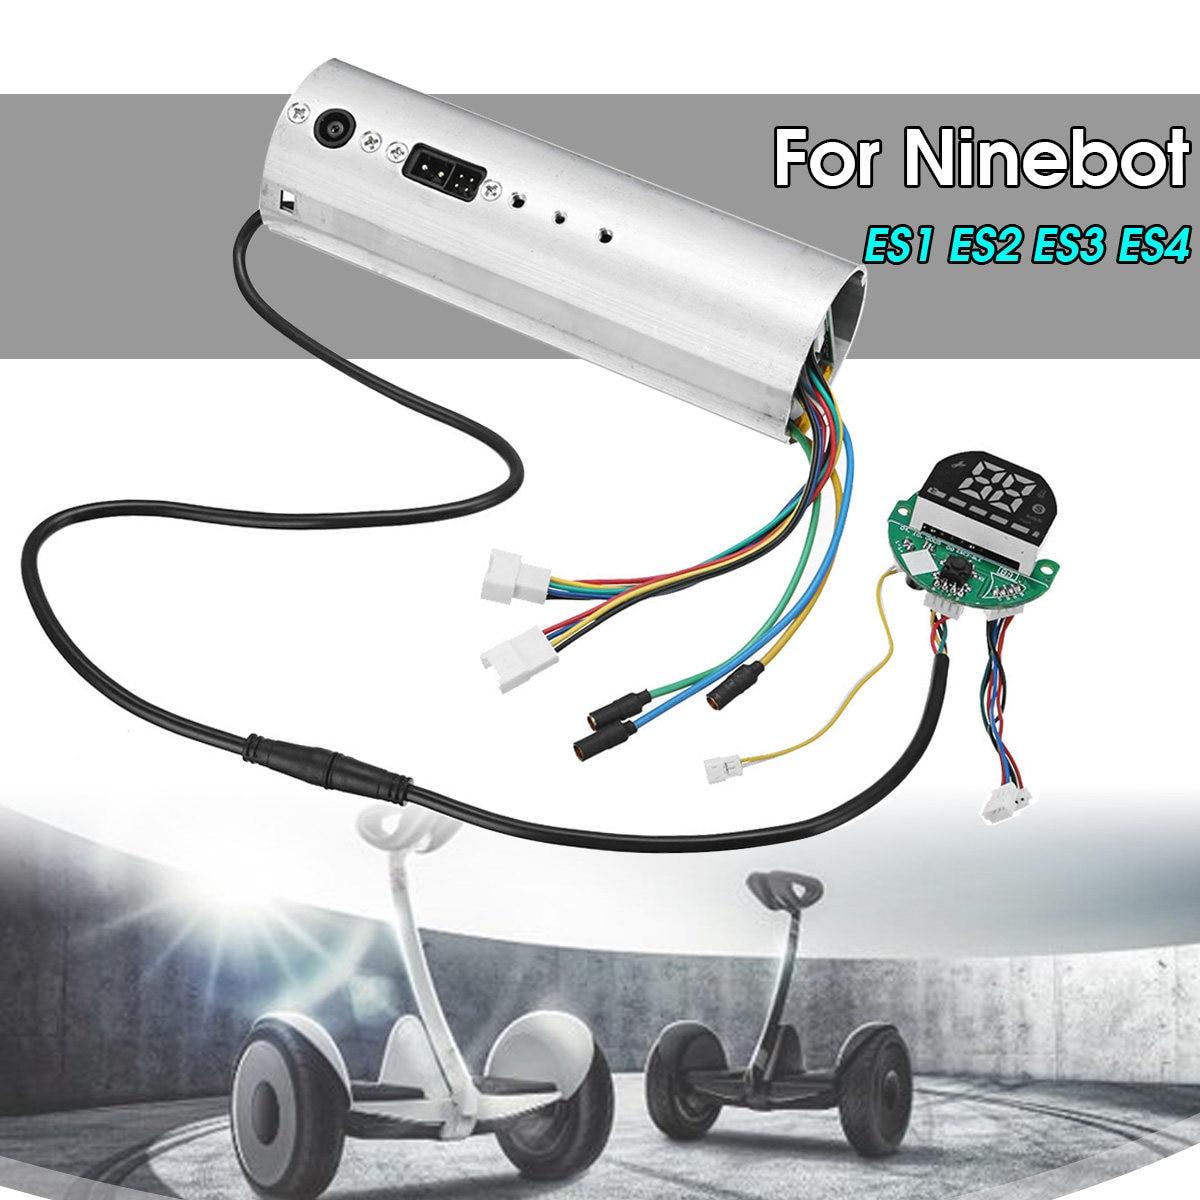 Tableau de bord bluetooth Circuit tableau de bord pour Ninebot ES1 ES2 ES3 ES4 Scooter électrique carte mère contrôleur pièces de rechange